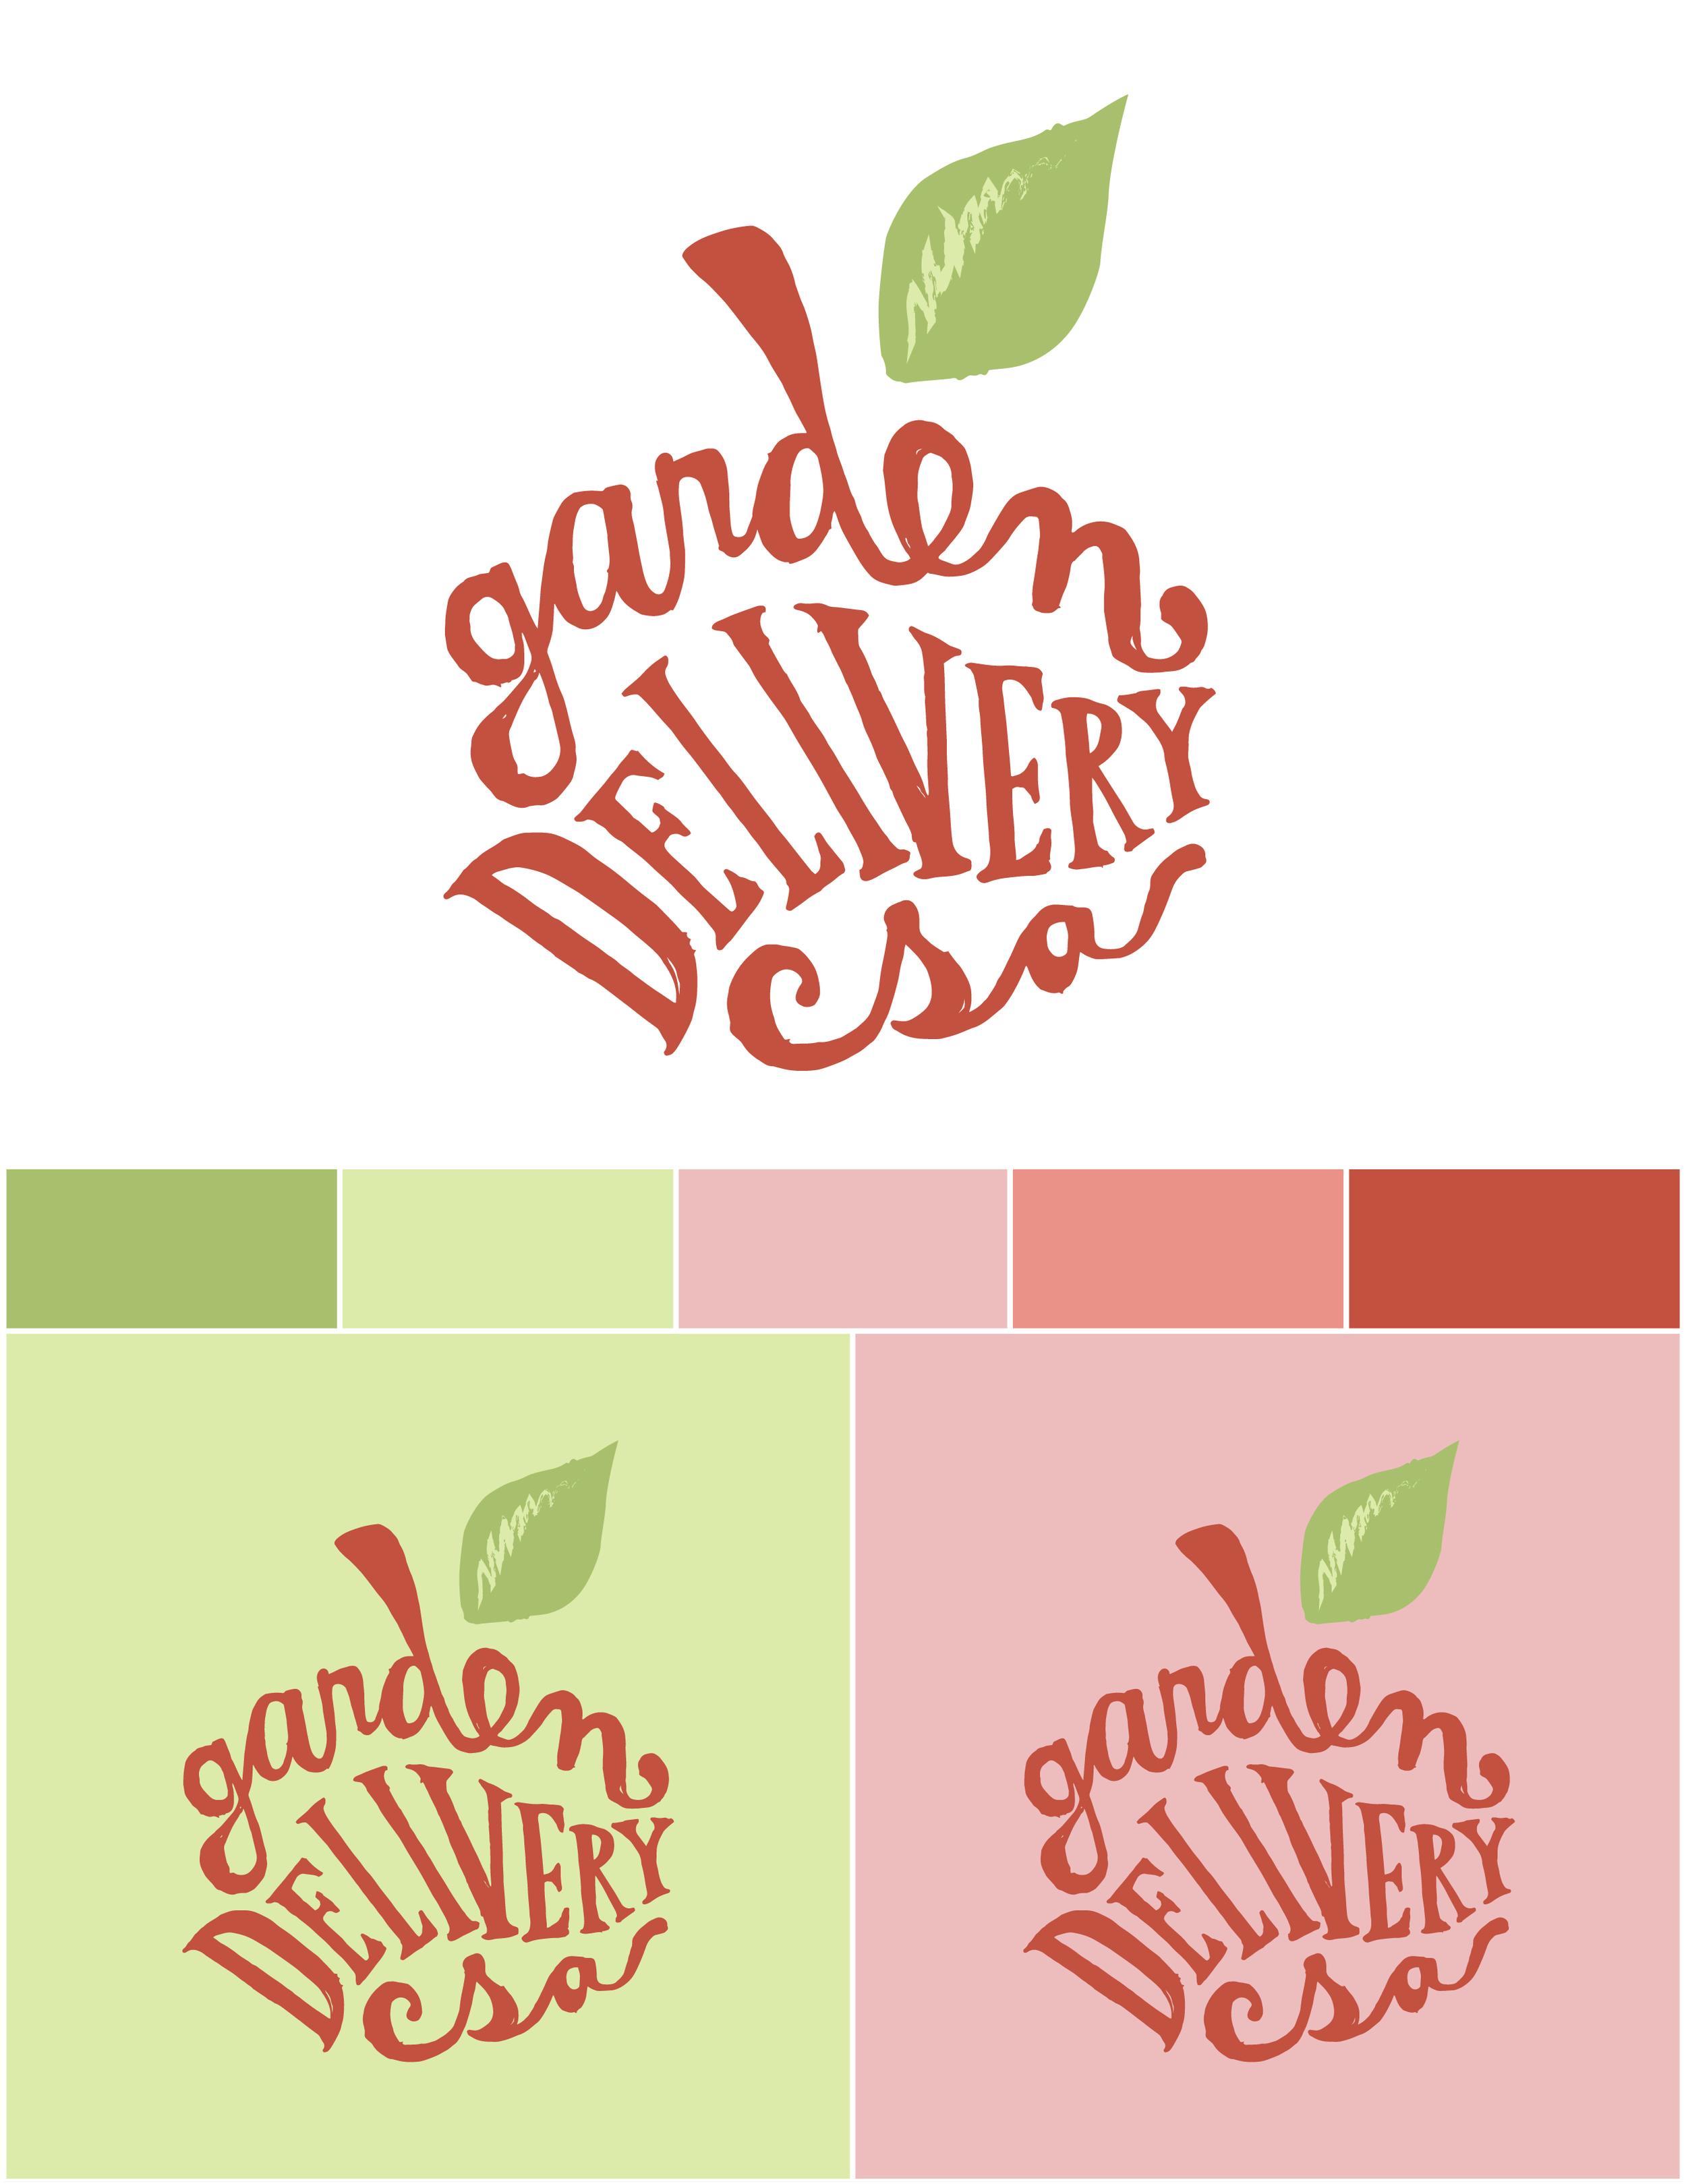 Garden Delivery Service, CSA